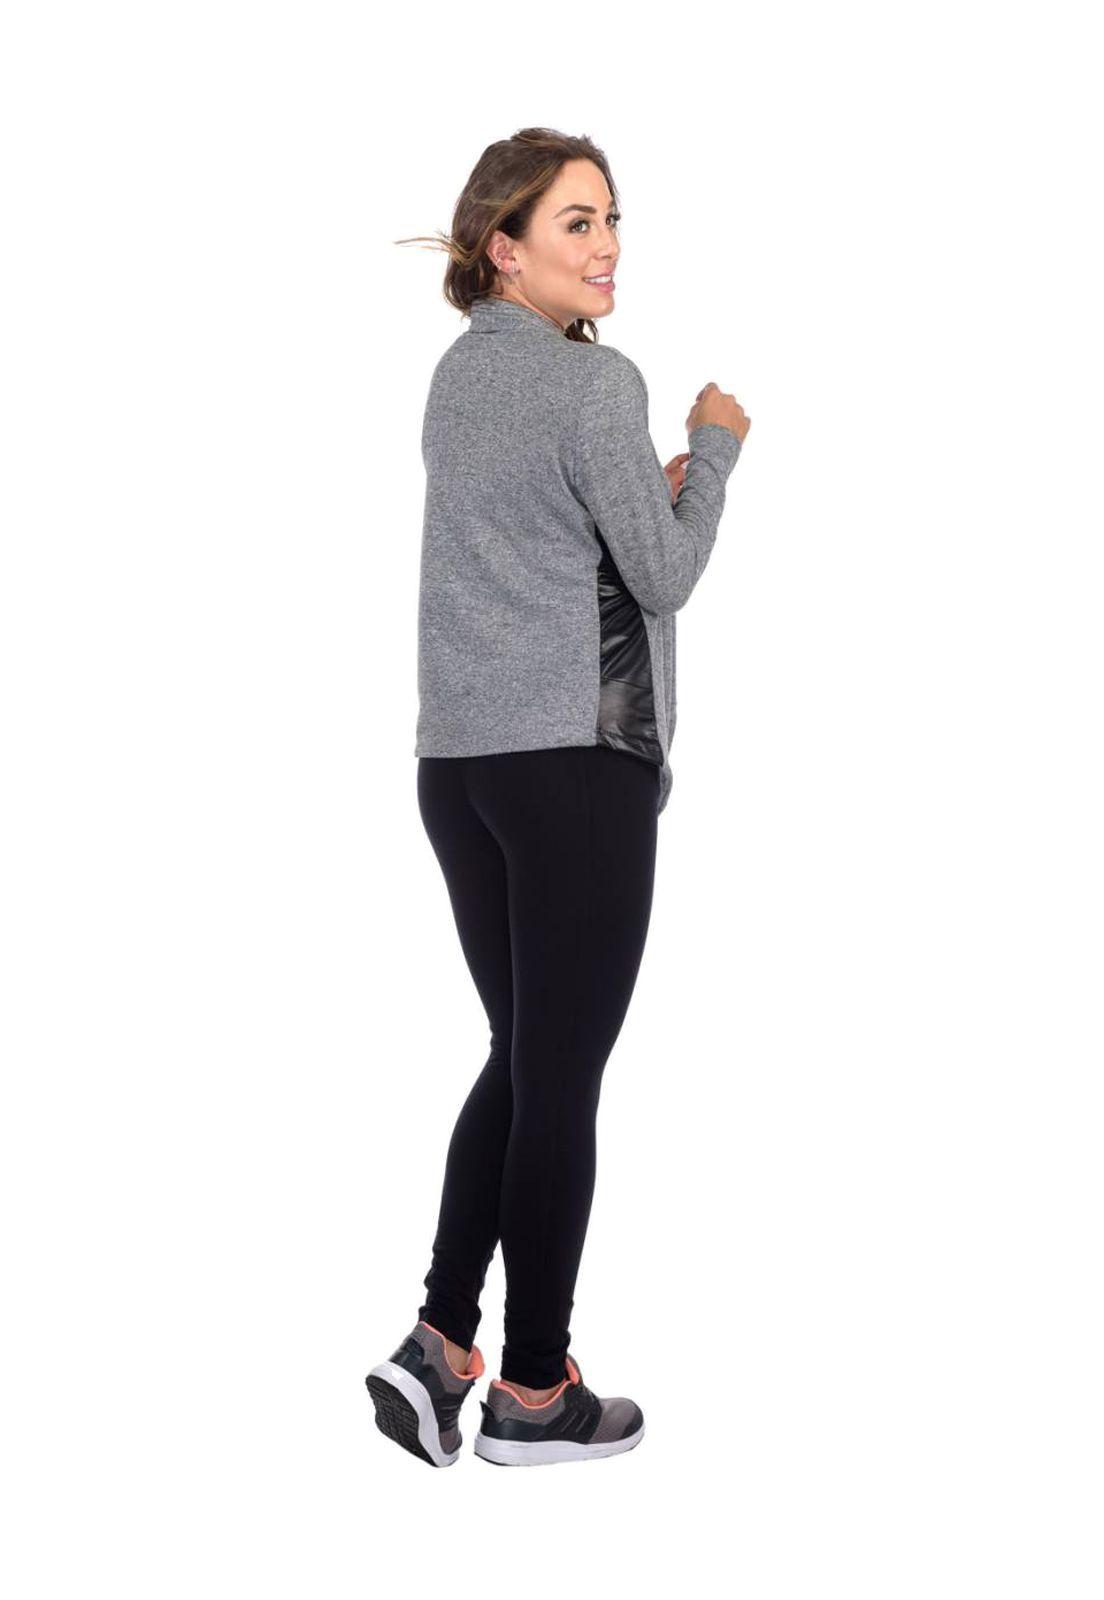 Cardigan Flavia Donadio Beachwear com recorte na lateral cinza escuro